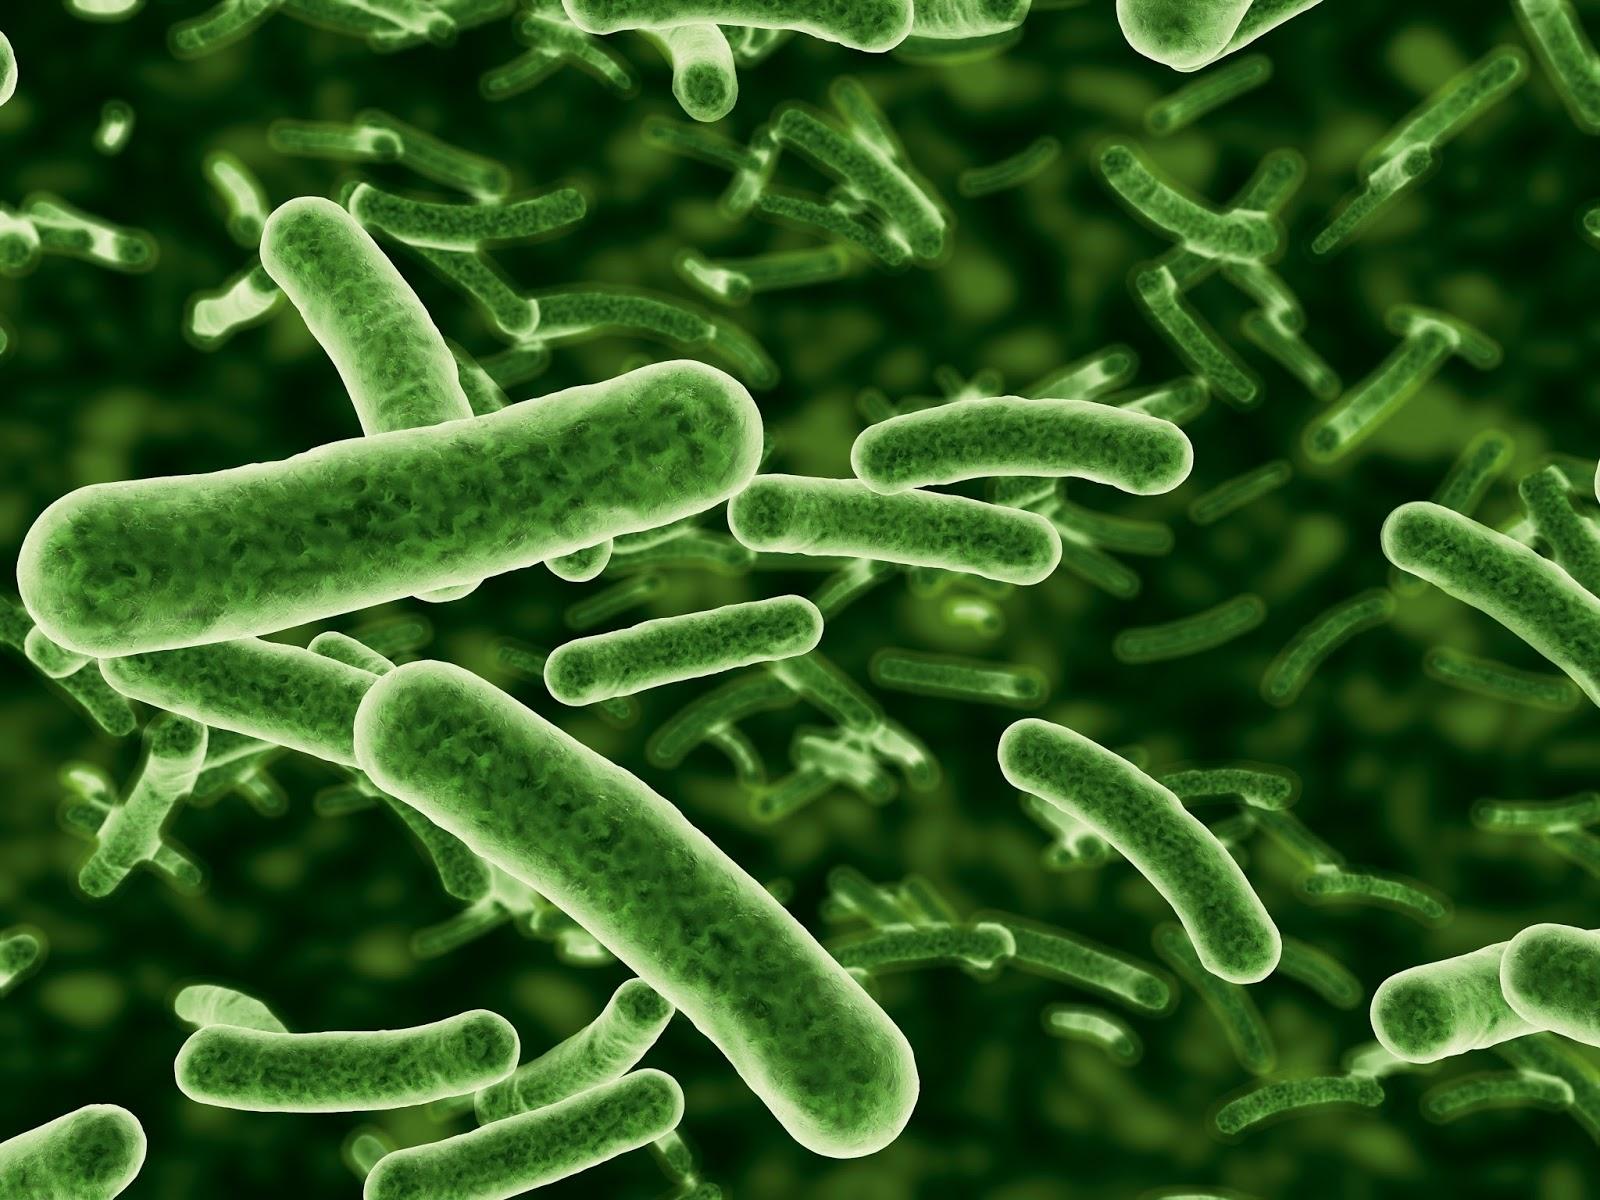 Exemple de bacterii parazite - Boli Produse de Bacterii